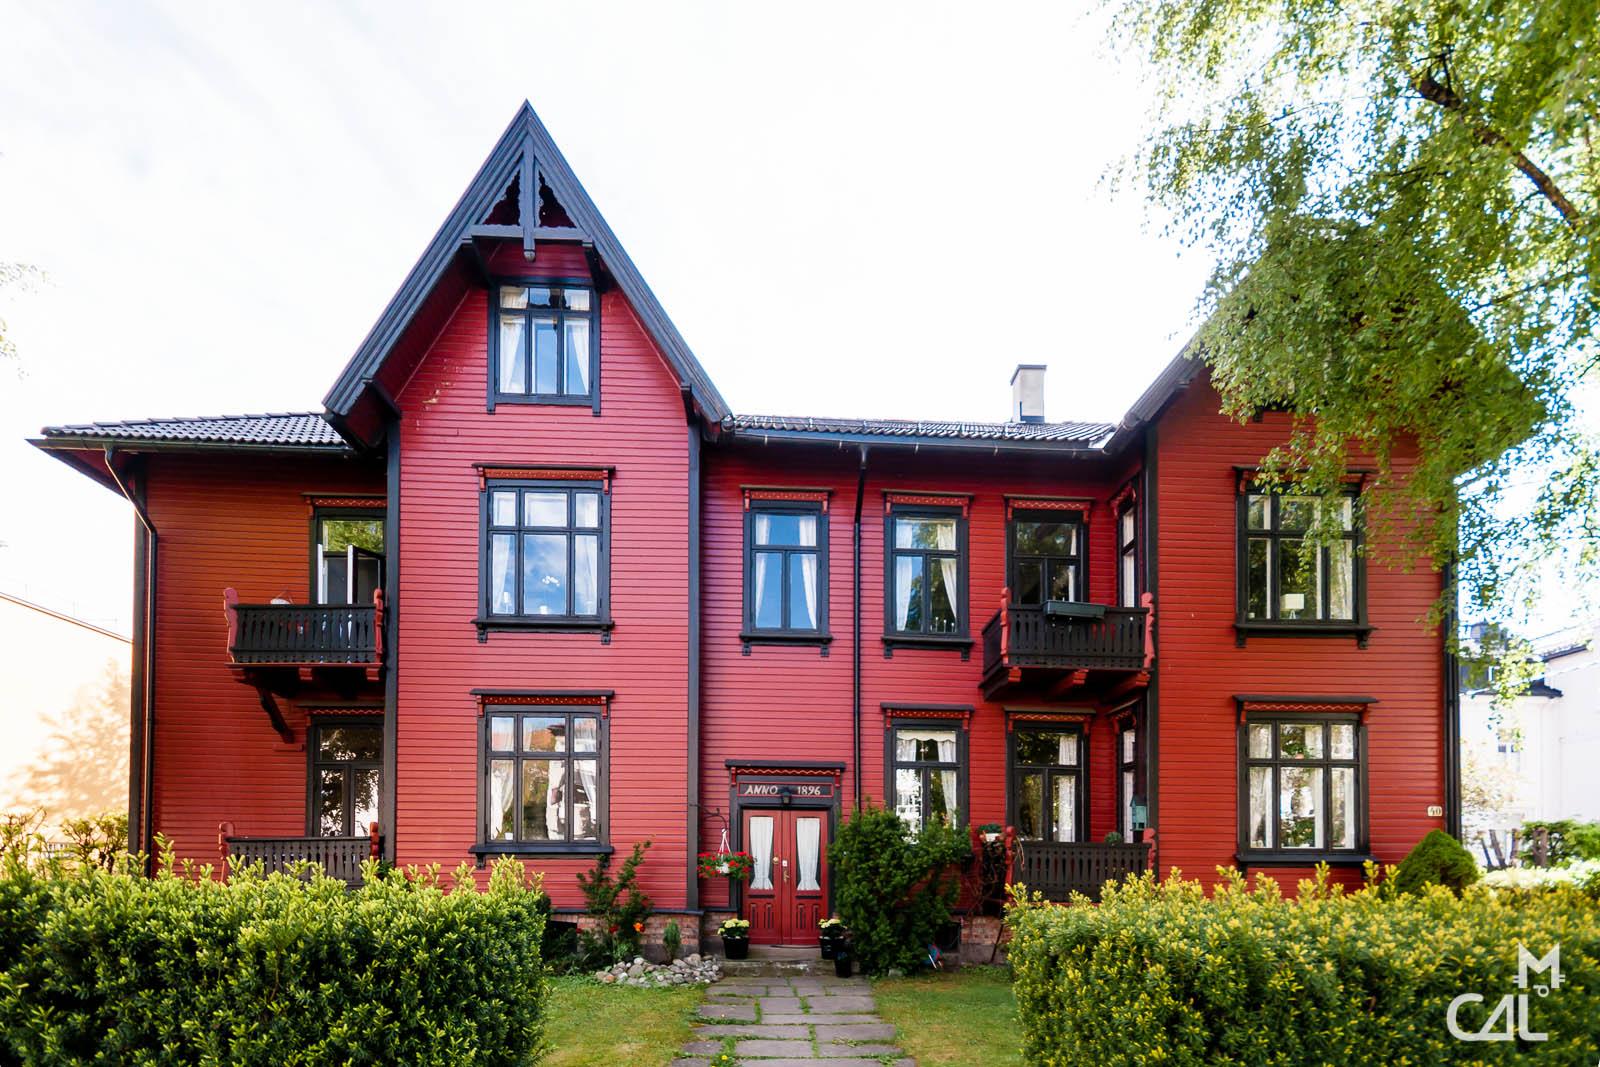 Oslo typique maison rouge en bois mon chat aime la photo for Maison typique